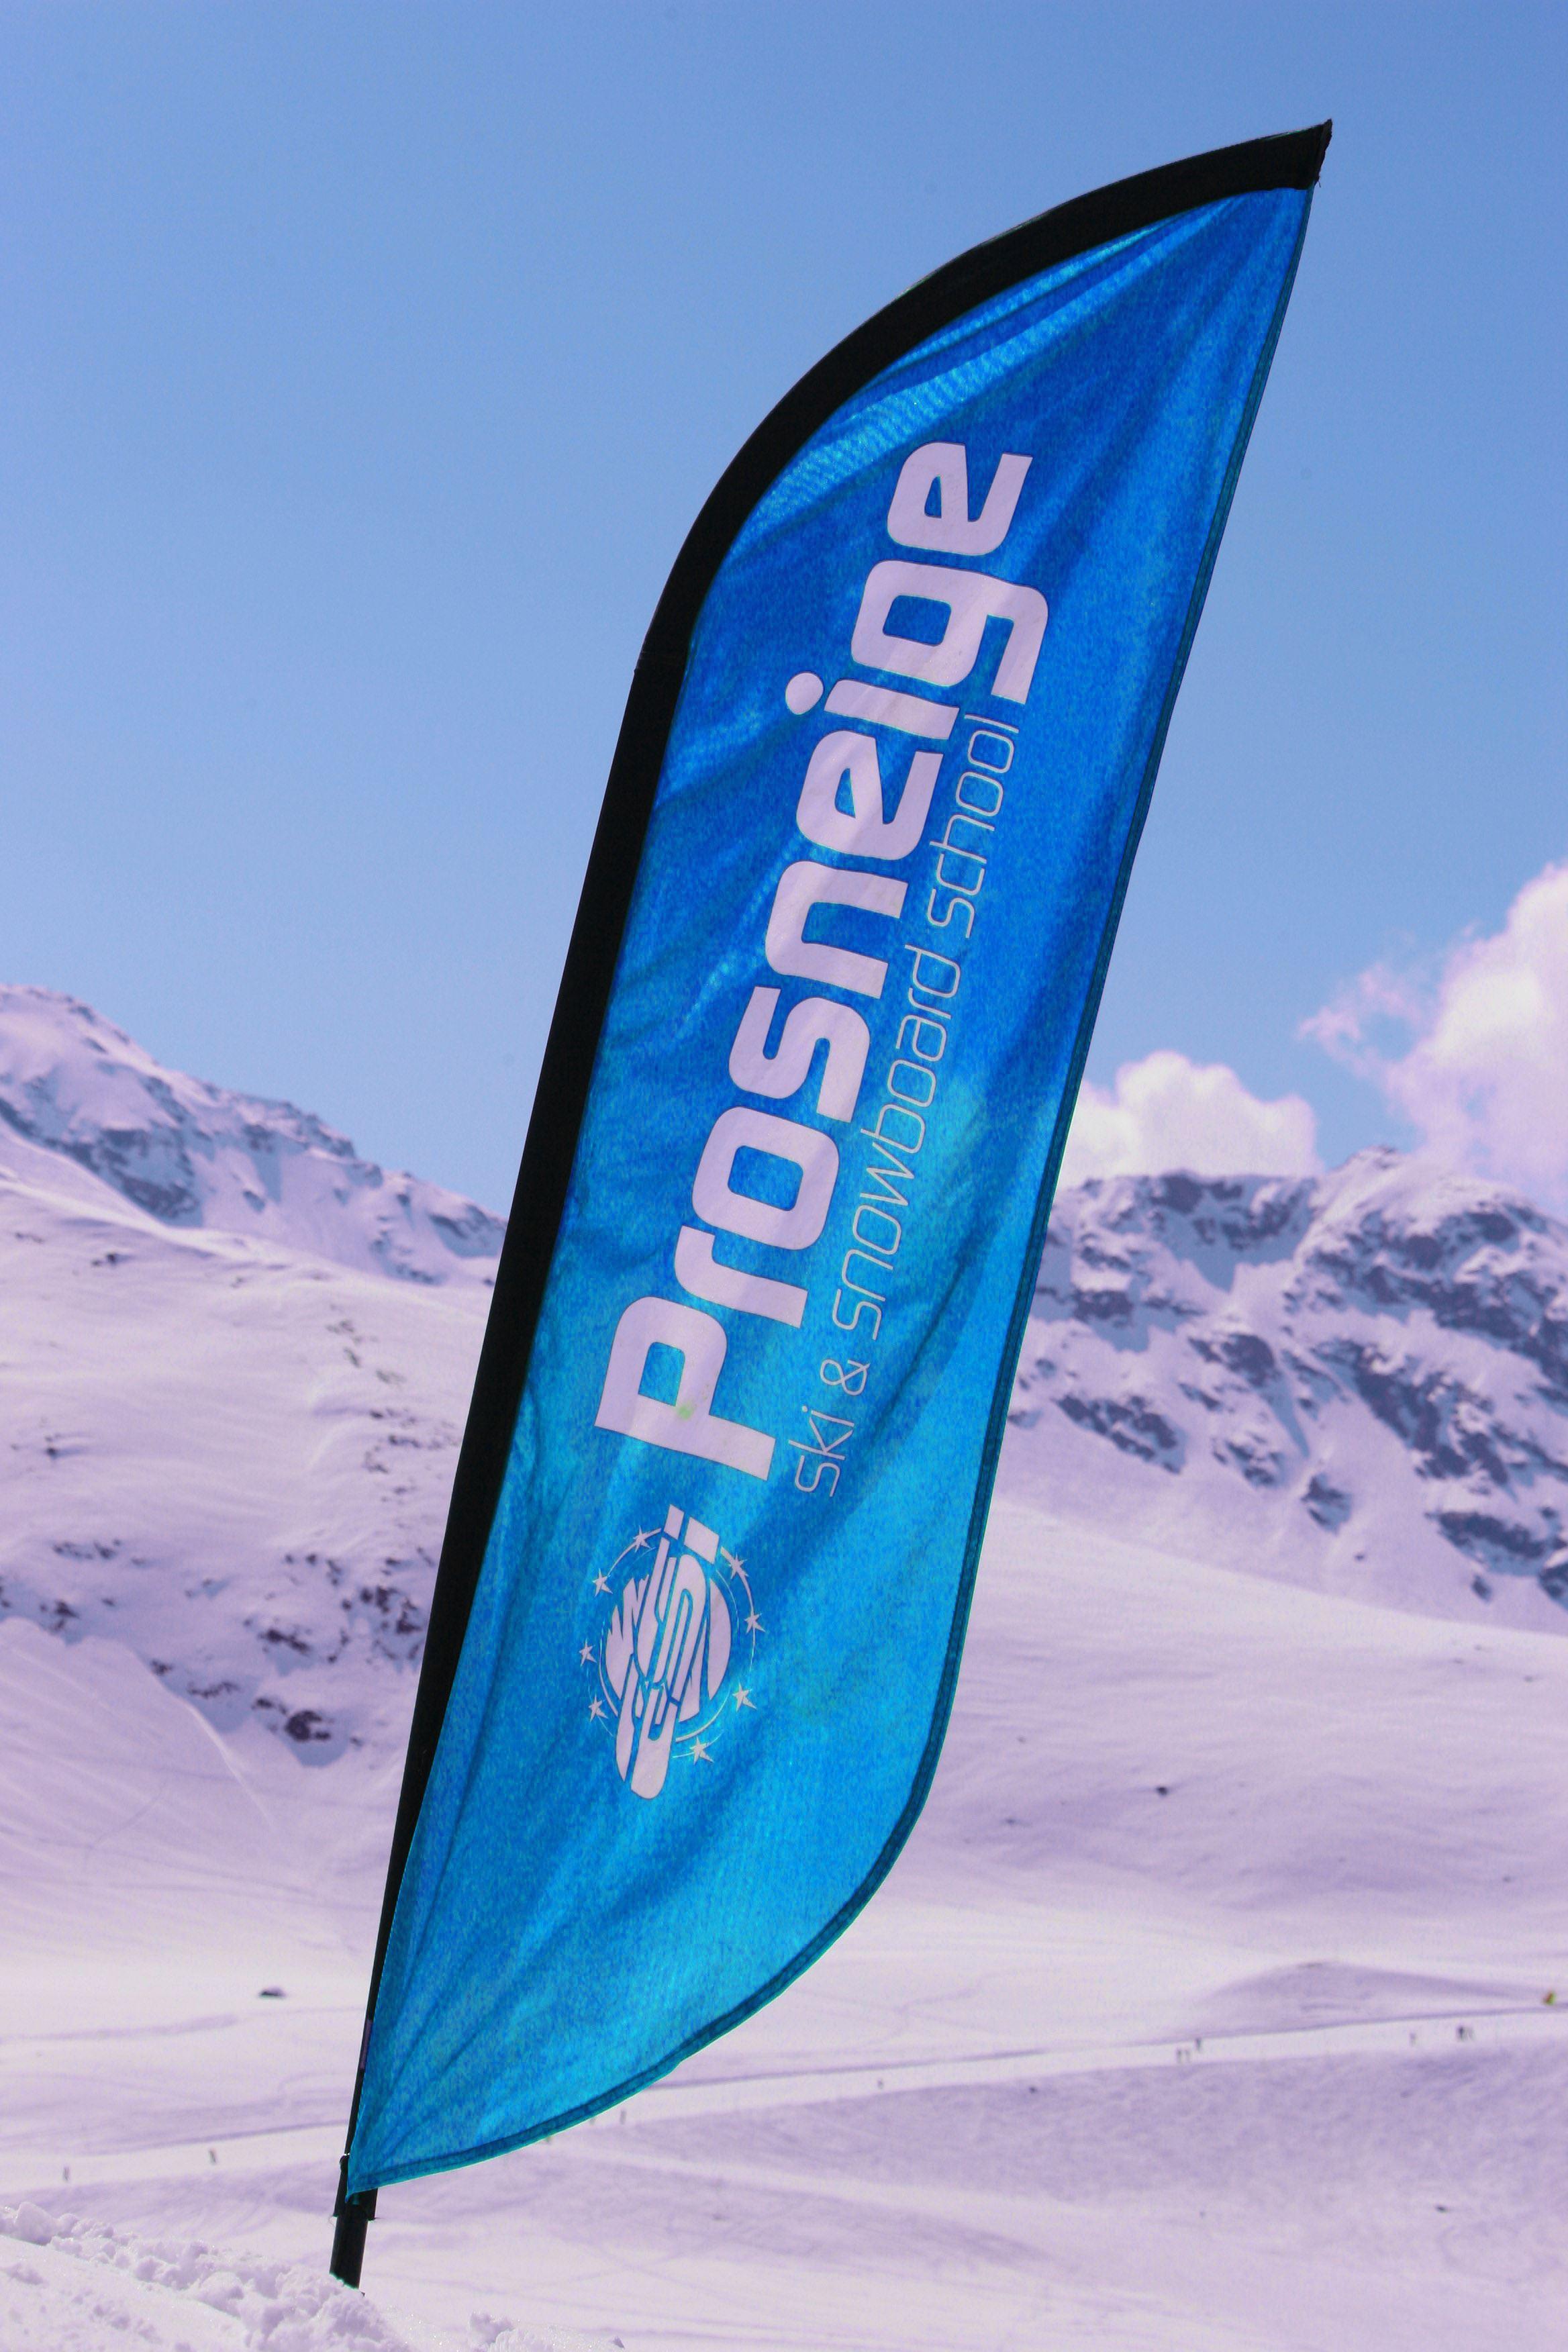 ECOLE PROSNEIGE SKI & SNOWBAORD - Bebé skieur dès 2 ans le mardi, mercredi et jeudi de 16 heures à 17 heures